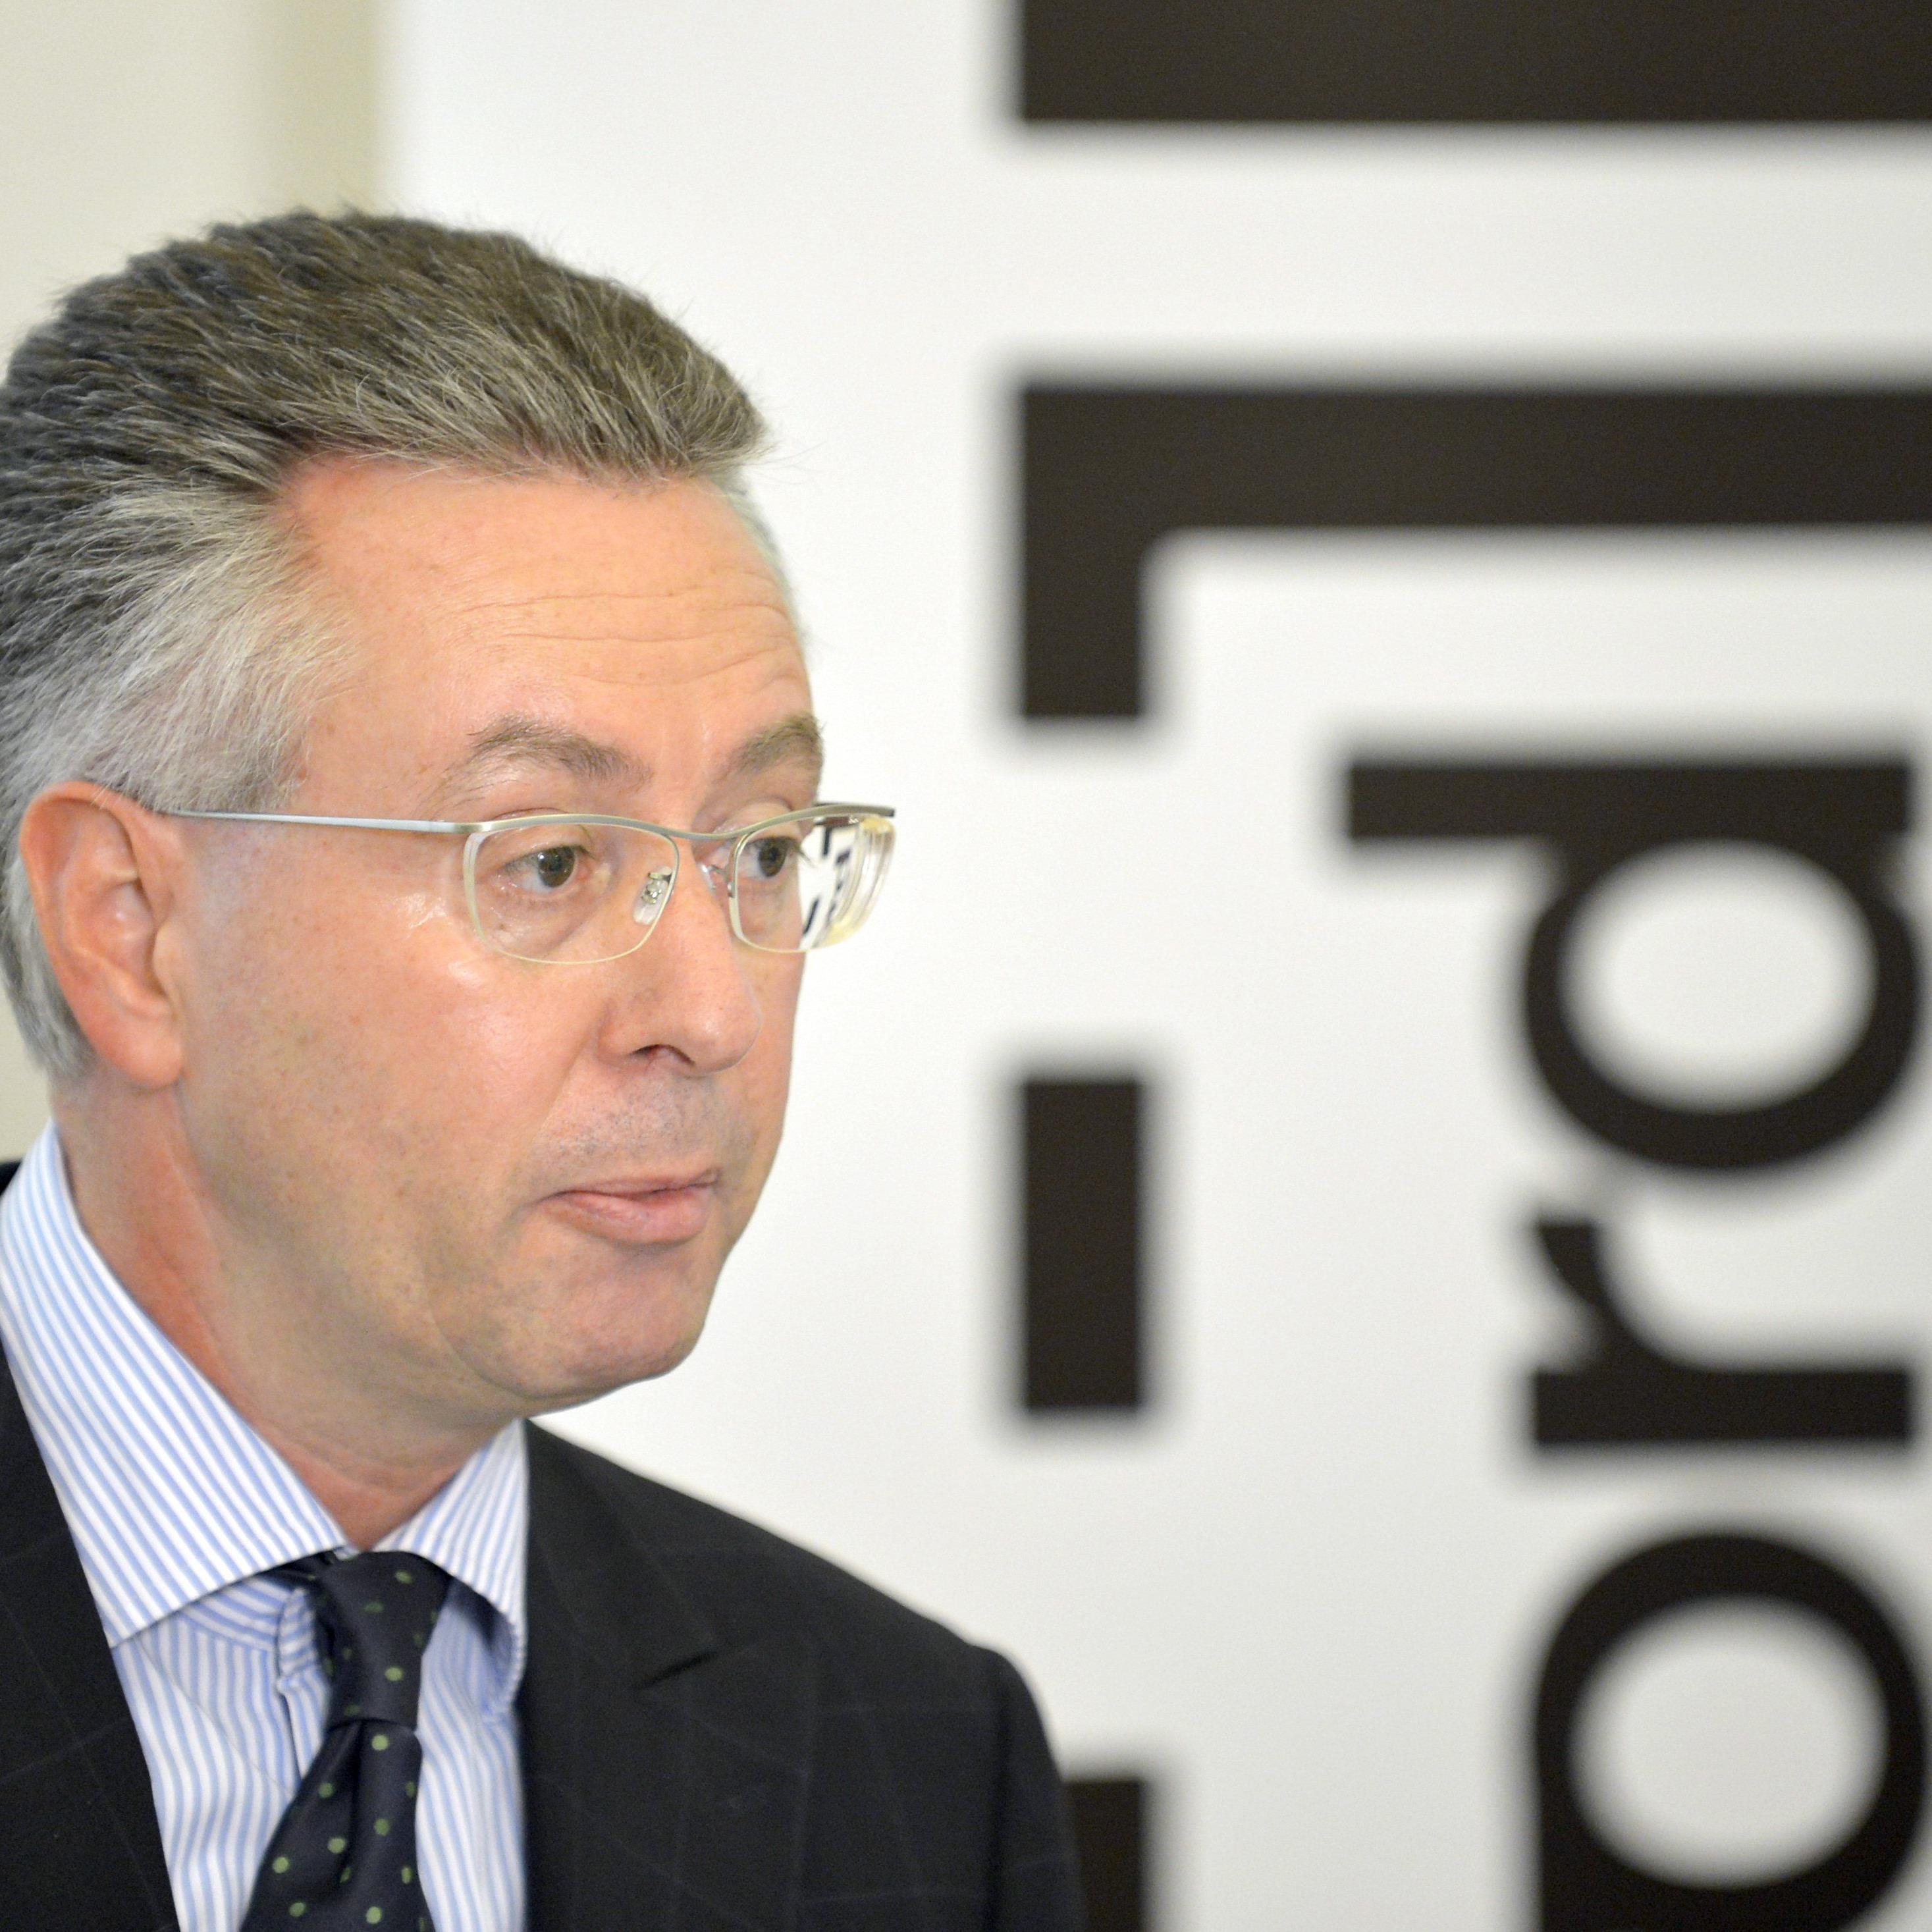 Firmenchef erwartet für Gesamtjahr positives operatives Ergebnis, jedoch unter Vorjahreswert